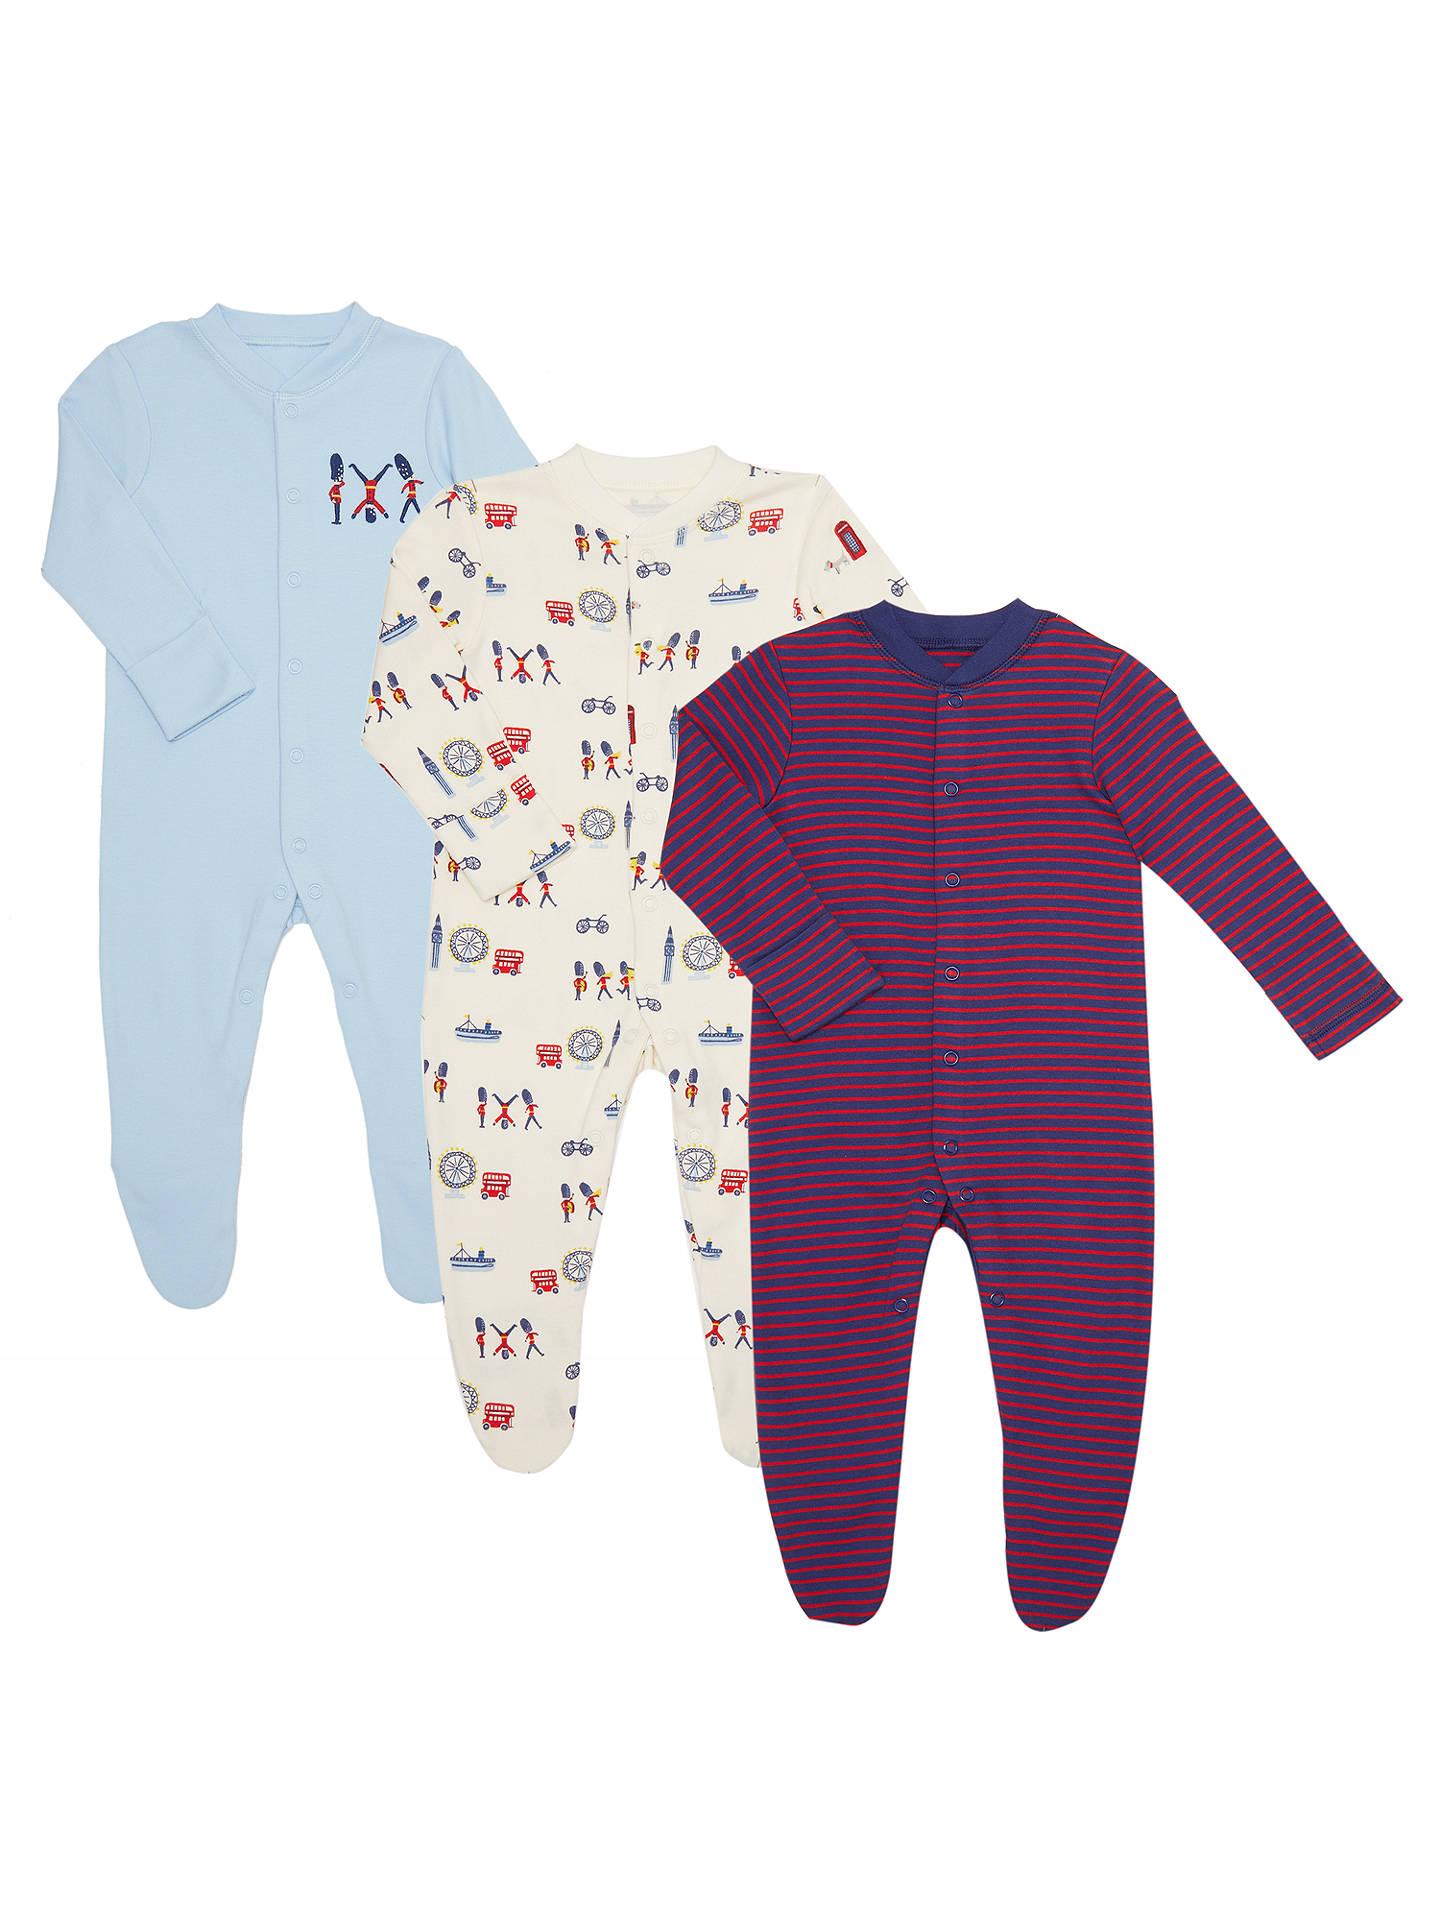 1bf539344 Buy John Lewis Baby GOTS Organic London Soldiers Sleepsuit, Pack of 3,  Multi, ...